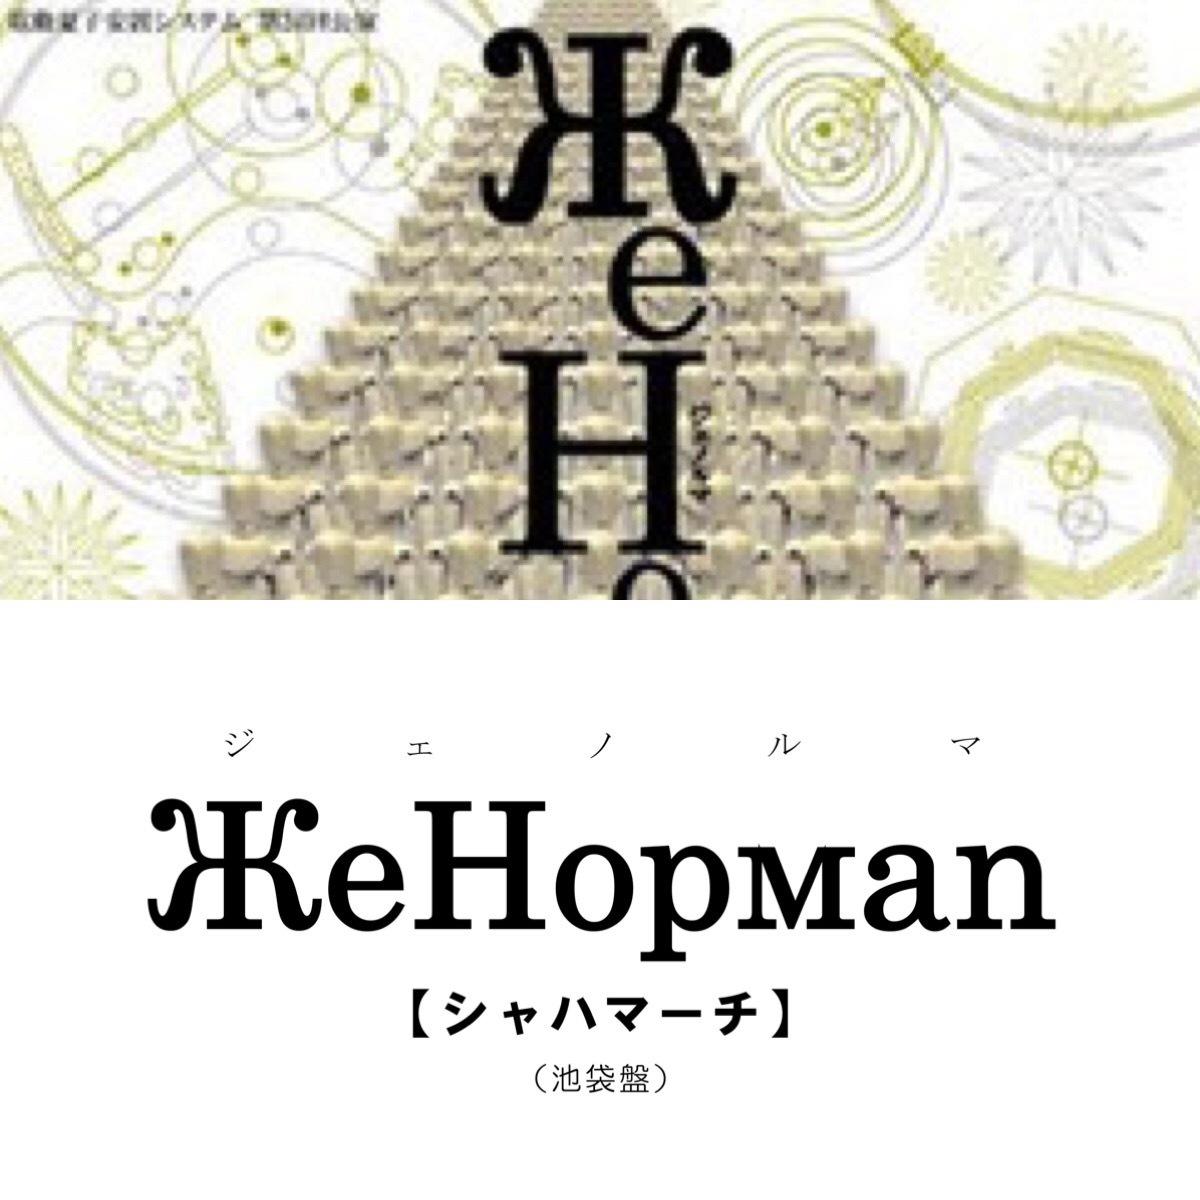 DVD+台本セット 第24回公演『ЖeНoрмаn~シャハマーチ~【池袋盤】』